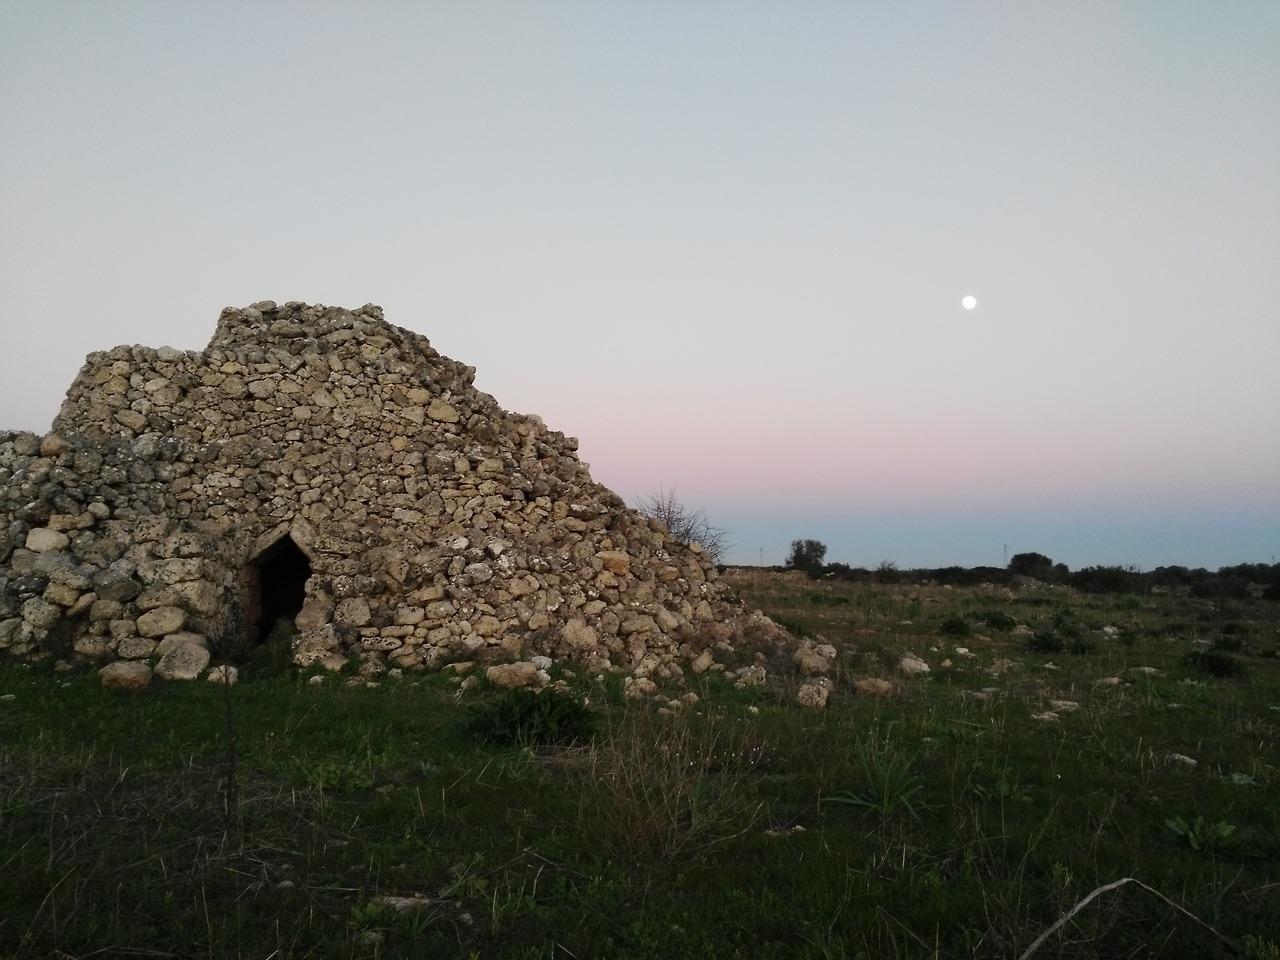 Un trullo abbandonato nella campagna di Manduria, Puglia